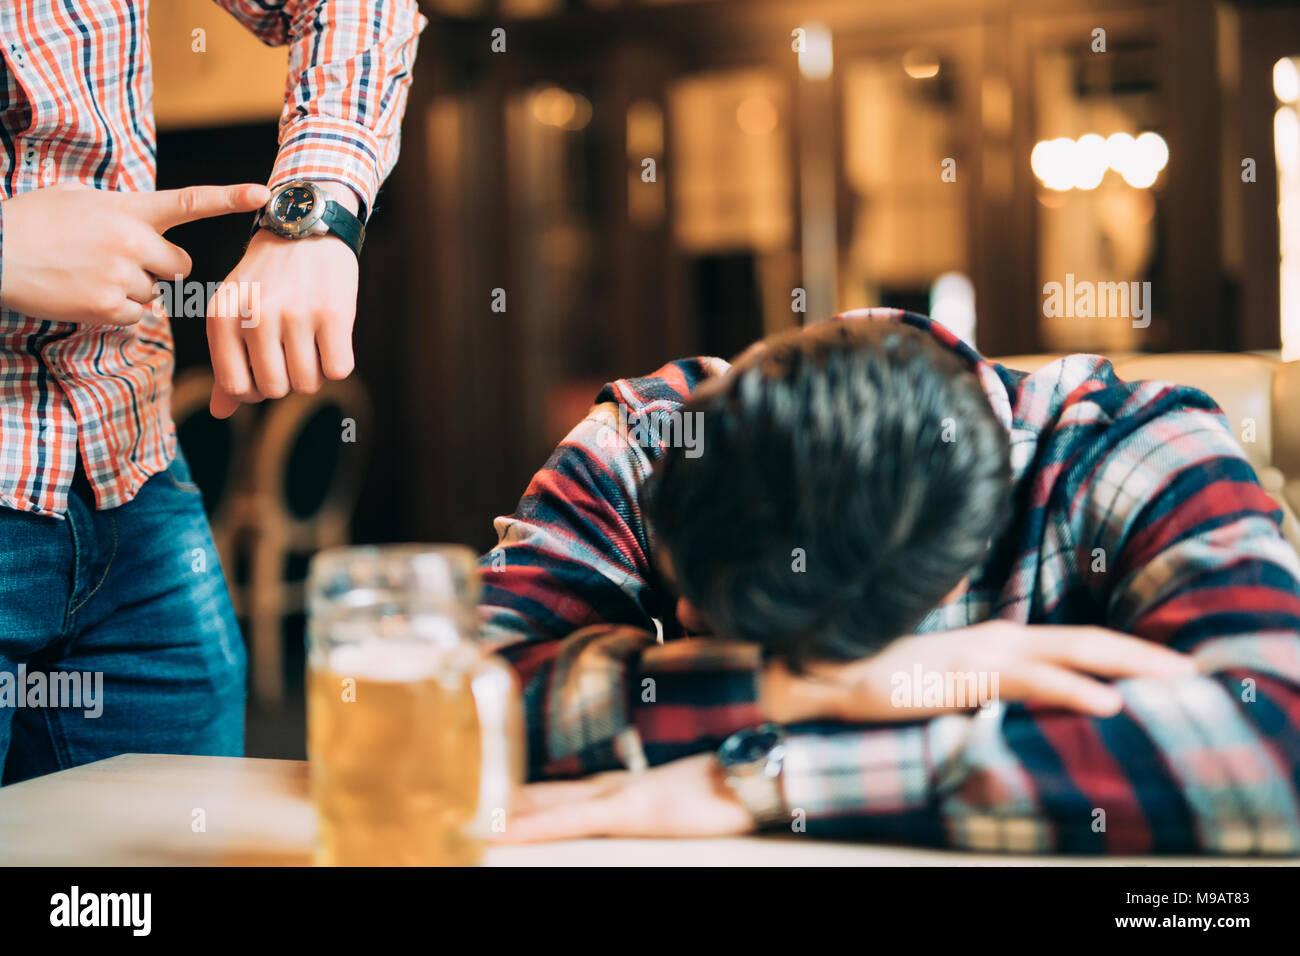 Jeune homme dans des vêtements décontractés est en train de dormir près de la chope de bière sur une table dans un pub, un autre homme est le réveiller. Photo Stock